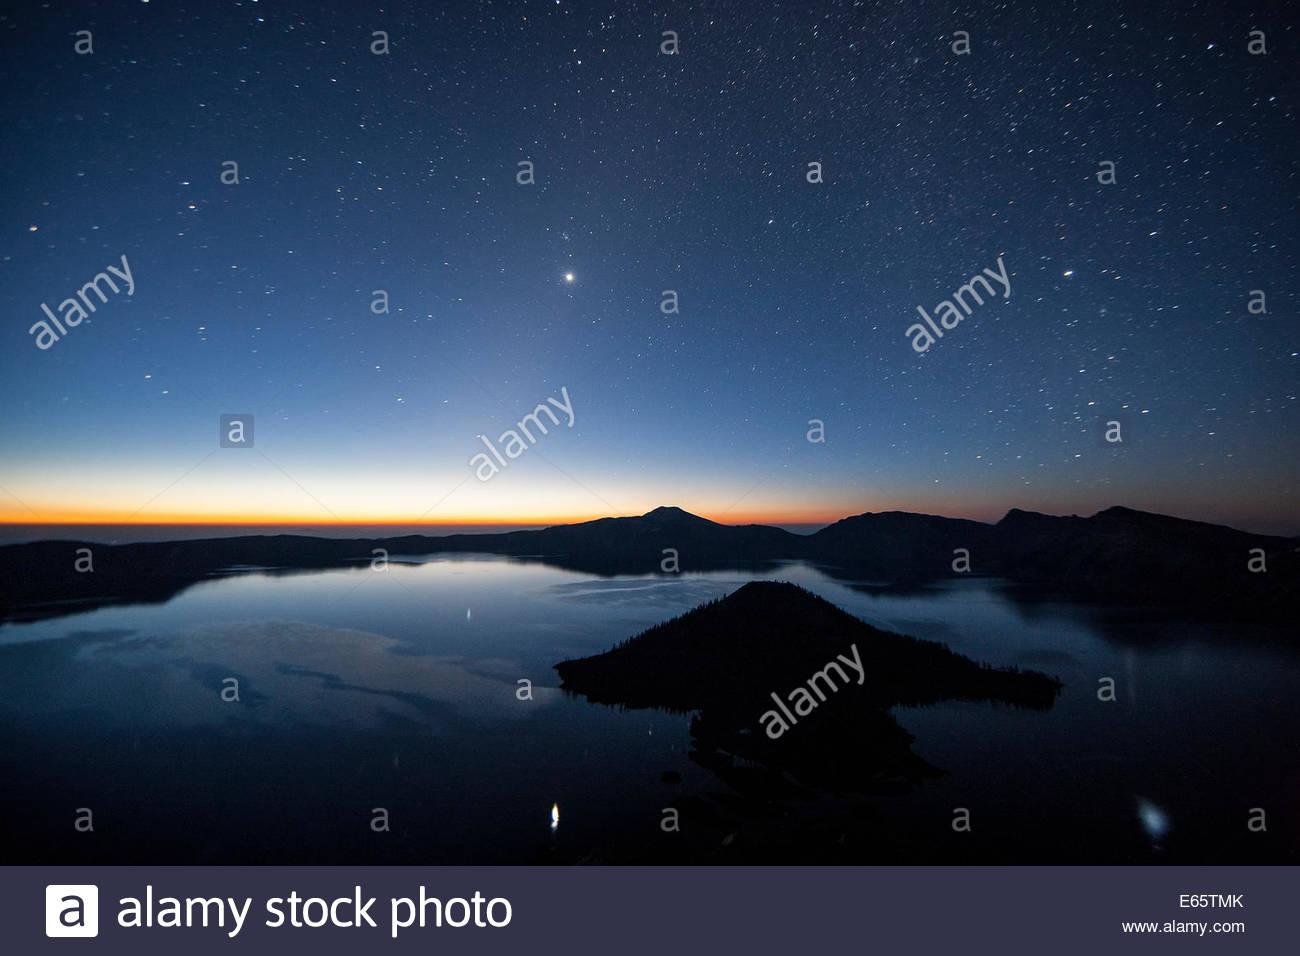 Des milliers d'étoiles et la planète Vénus briller au-dessus du lac de cratère de l'Oregon Photo Stock